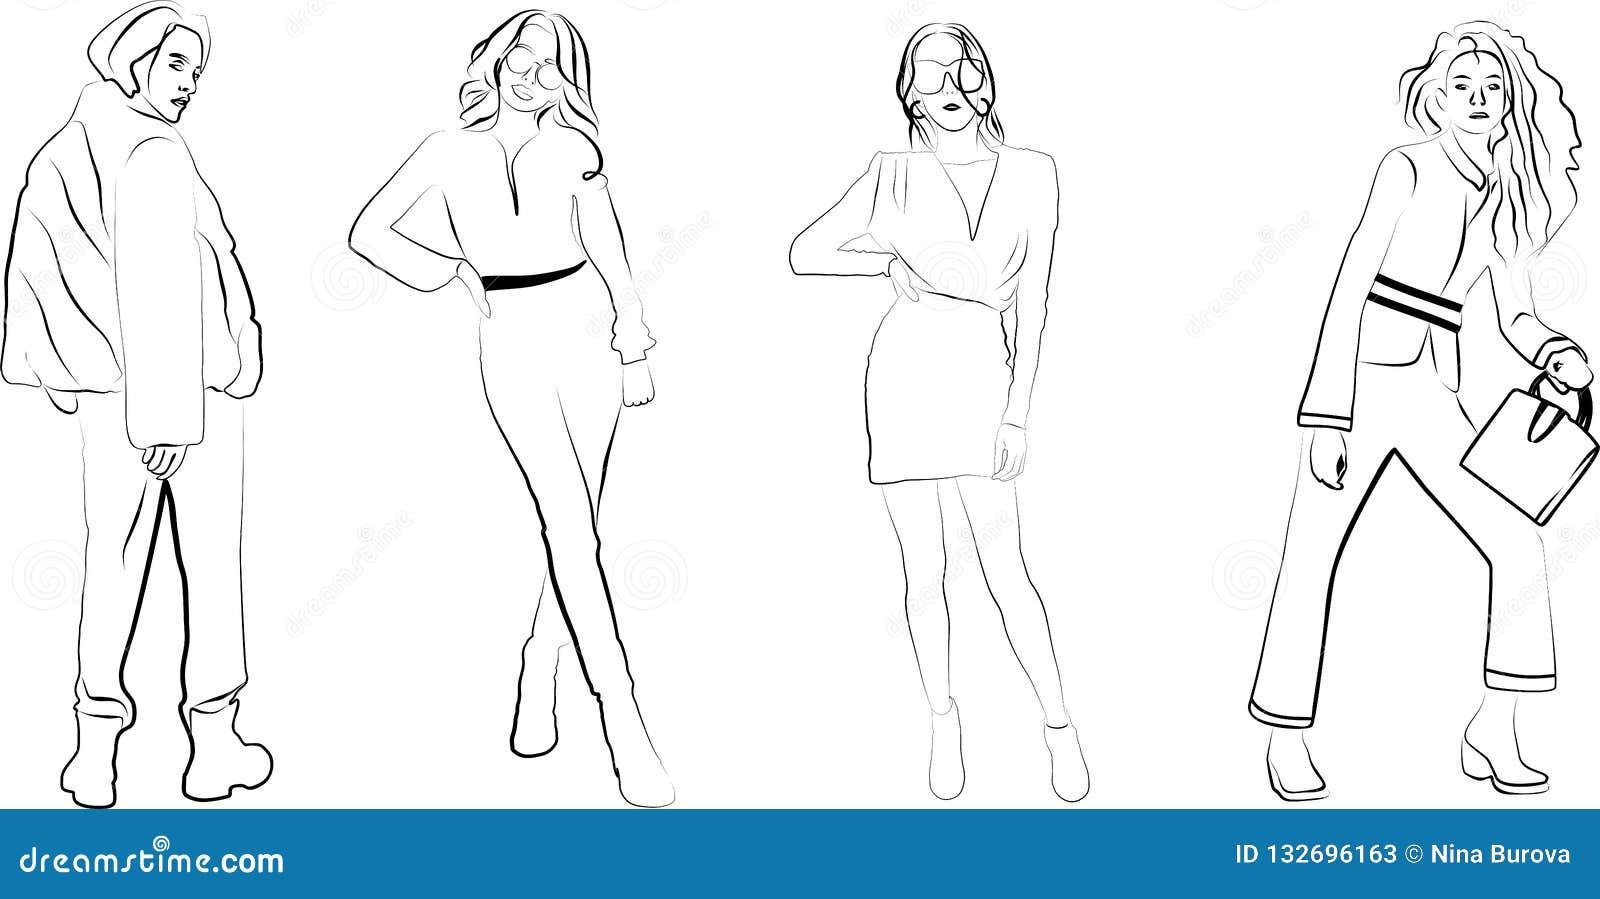 Silhouettes of slender girls